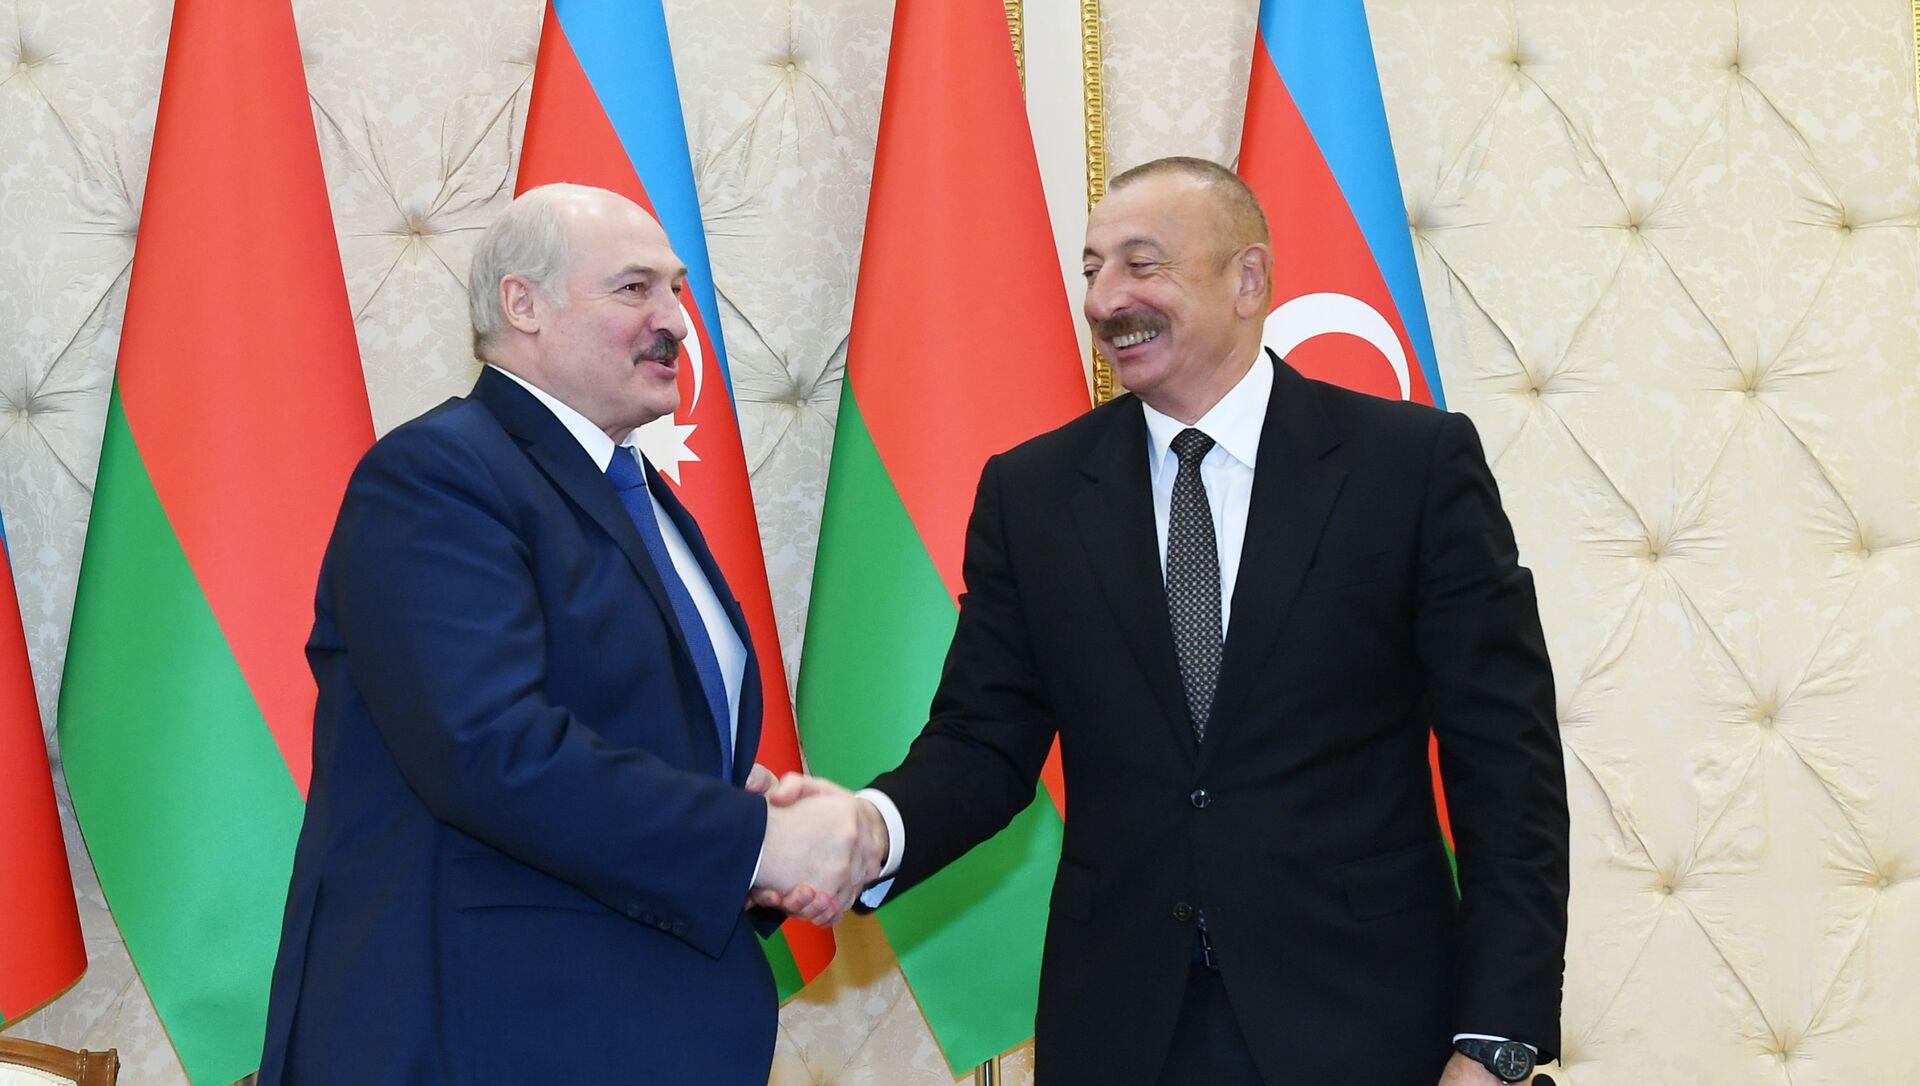 Президент Азербайджанской Республики Ильхам Алиев и Президент Беларуси Александр Лукашенко выступили с заявлениями для прессы - Sputnik Азербайджан, 1920, 15.04.2021